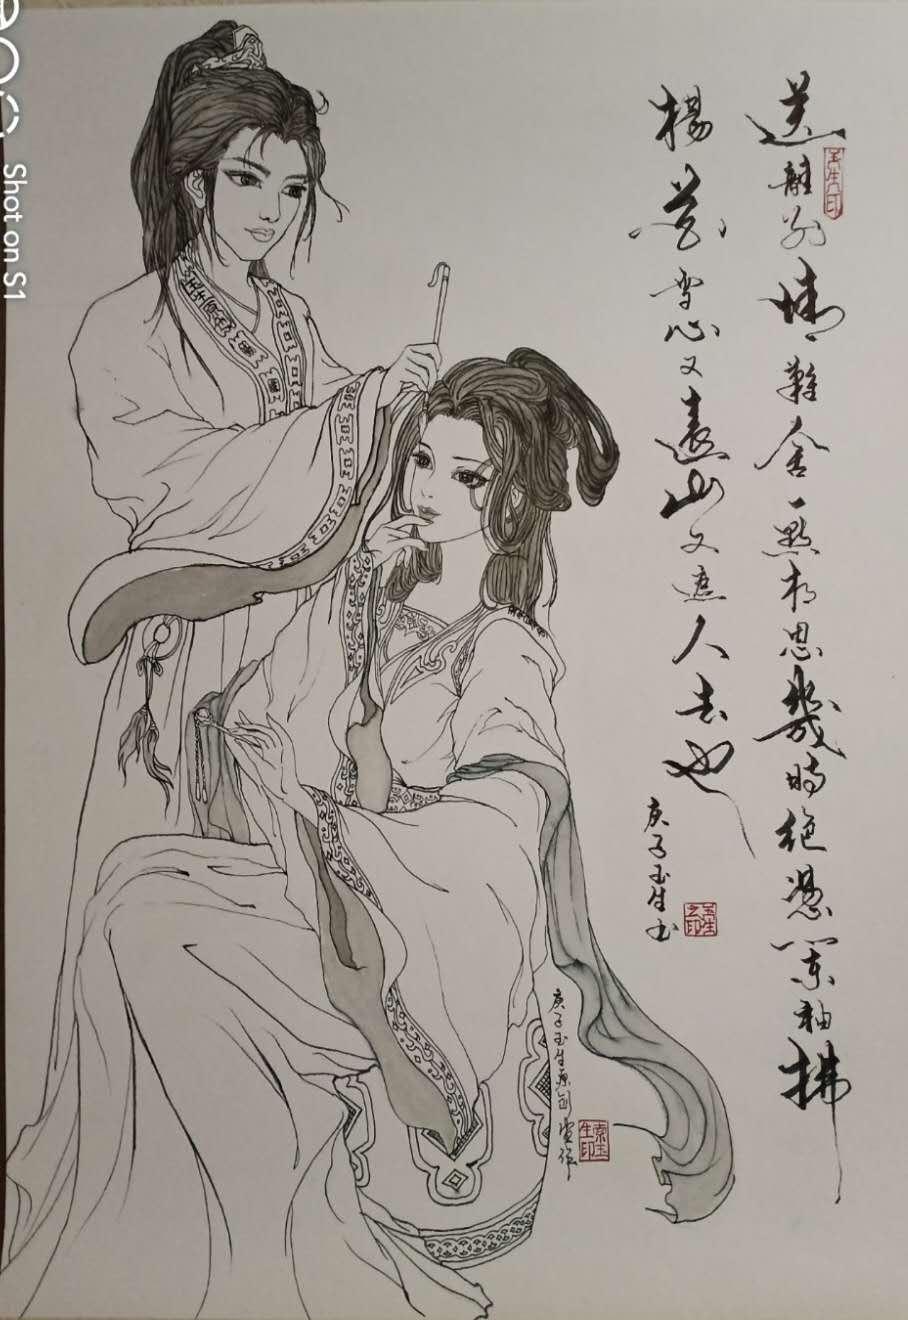 中国现代书画家——马名新、索玉生-第5张